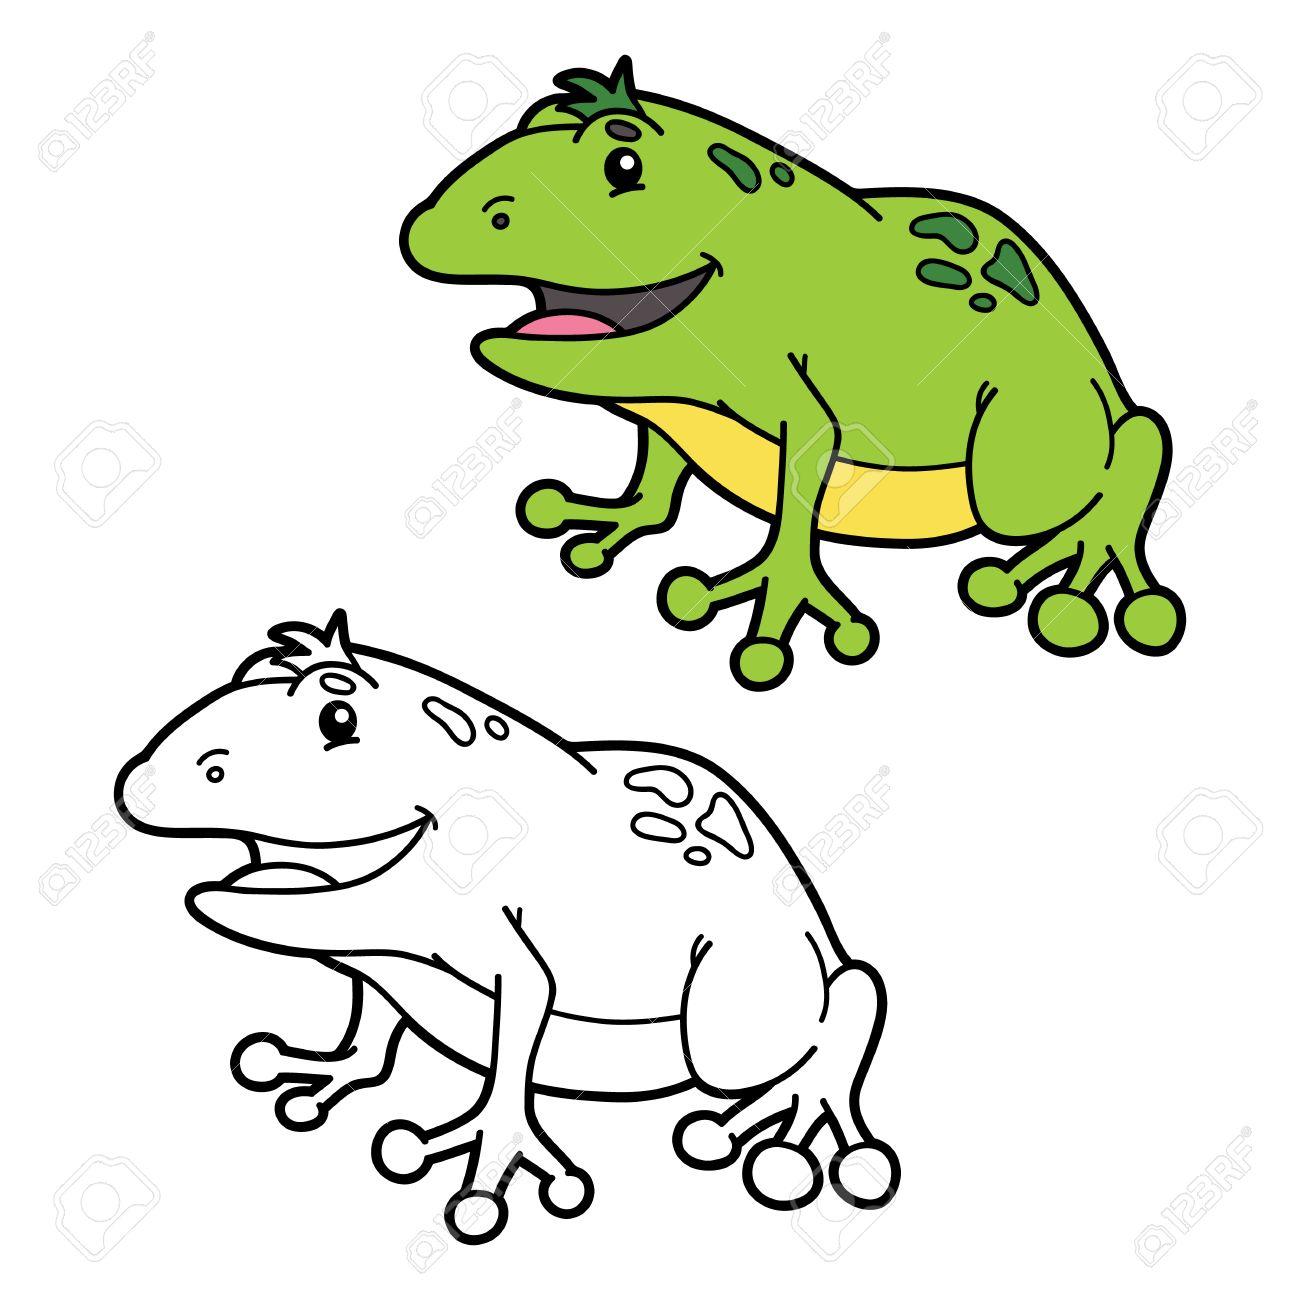 Fantastisch Realistische Frosch Malvorlagen Fotos - Beispiel ...